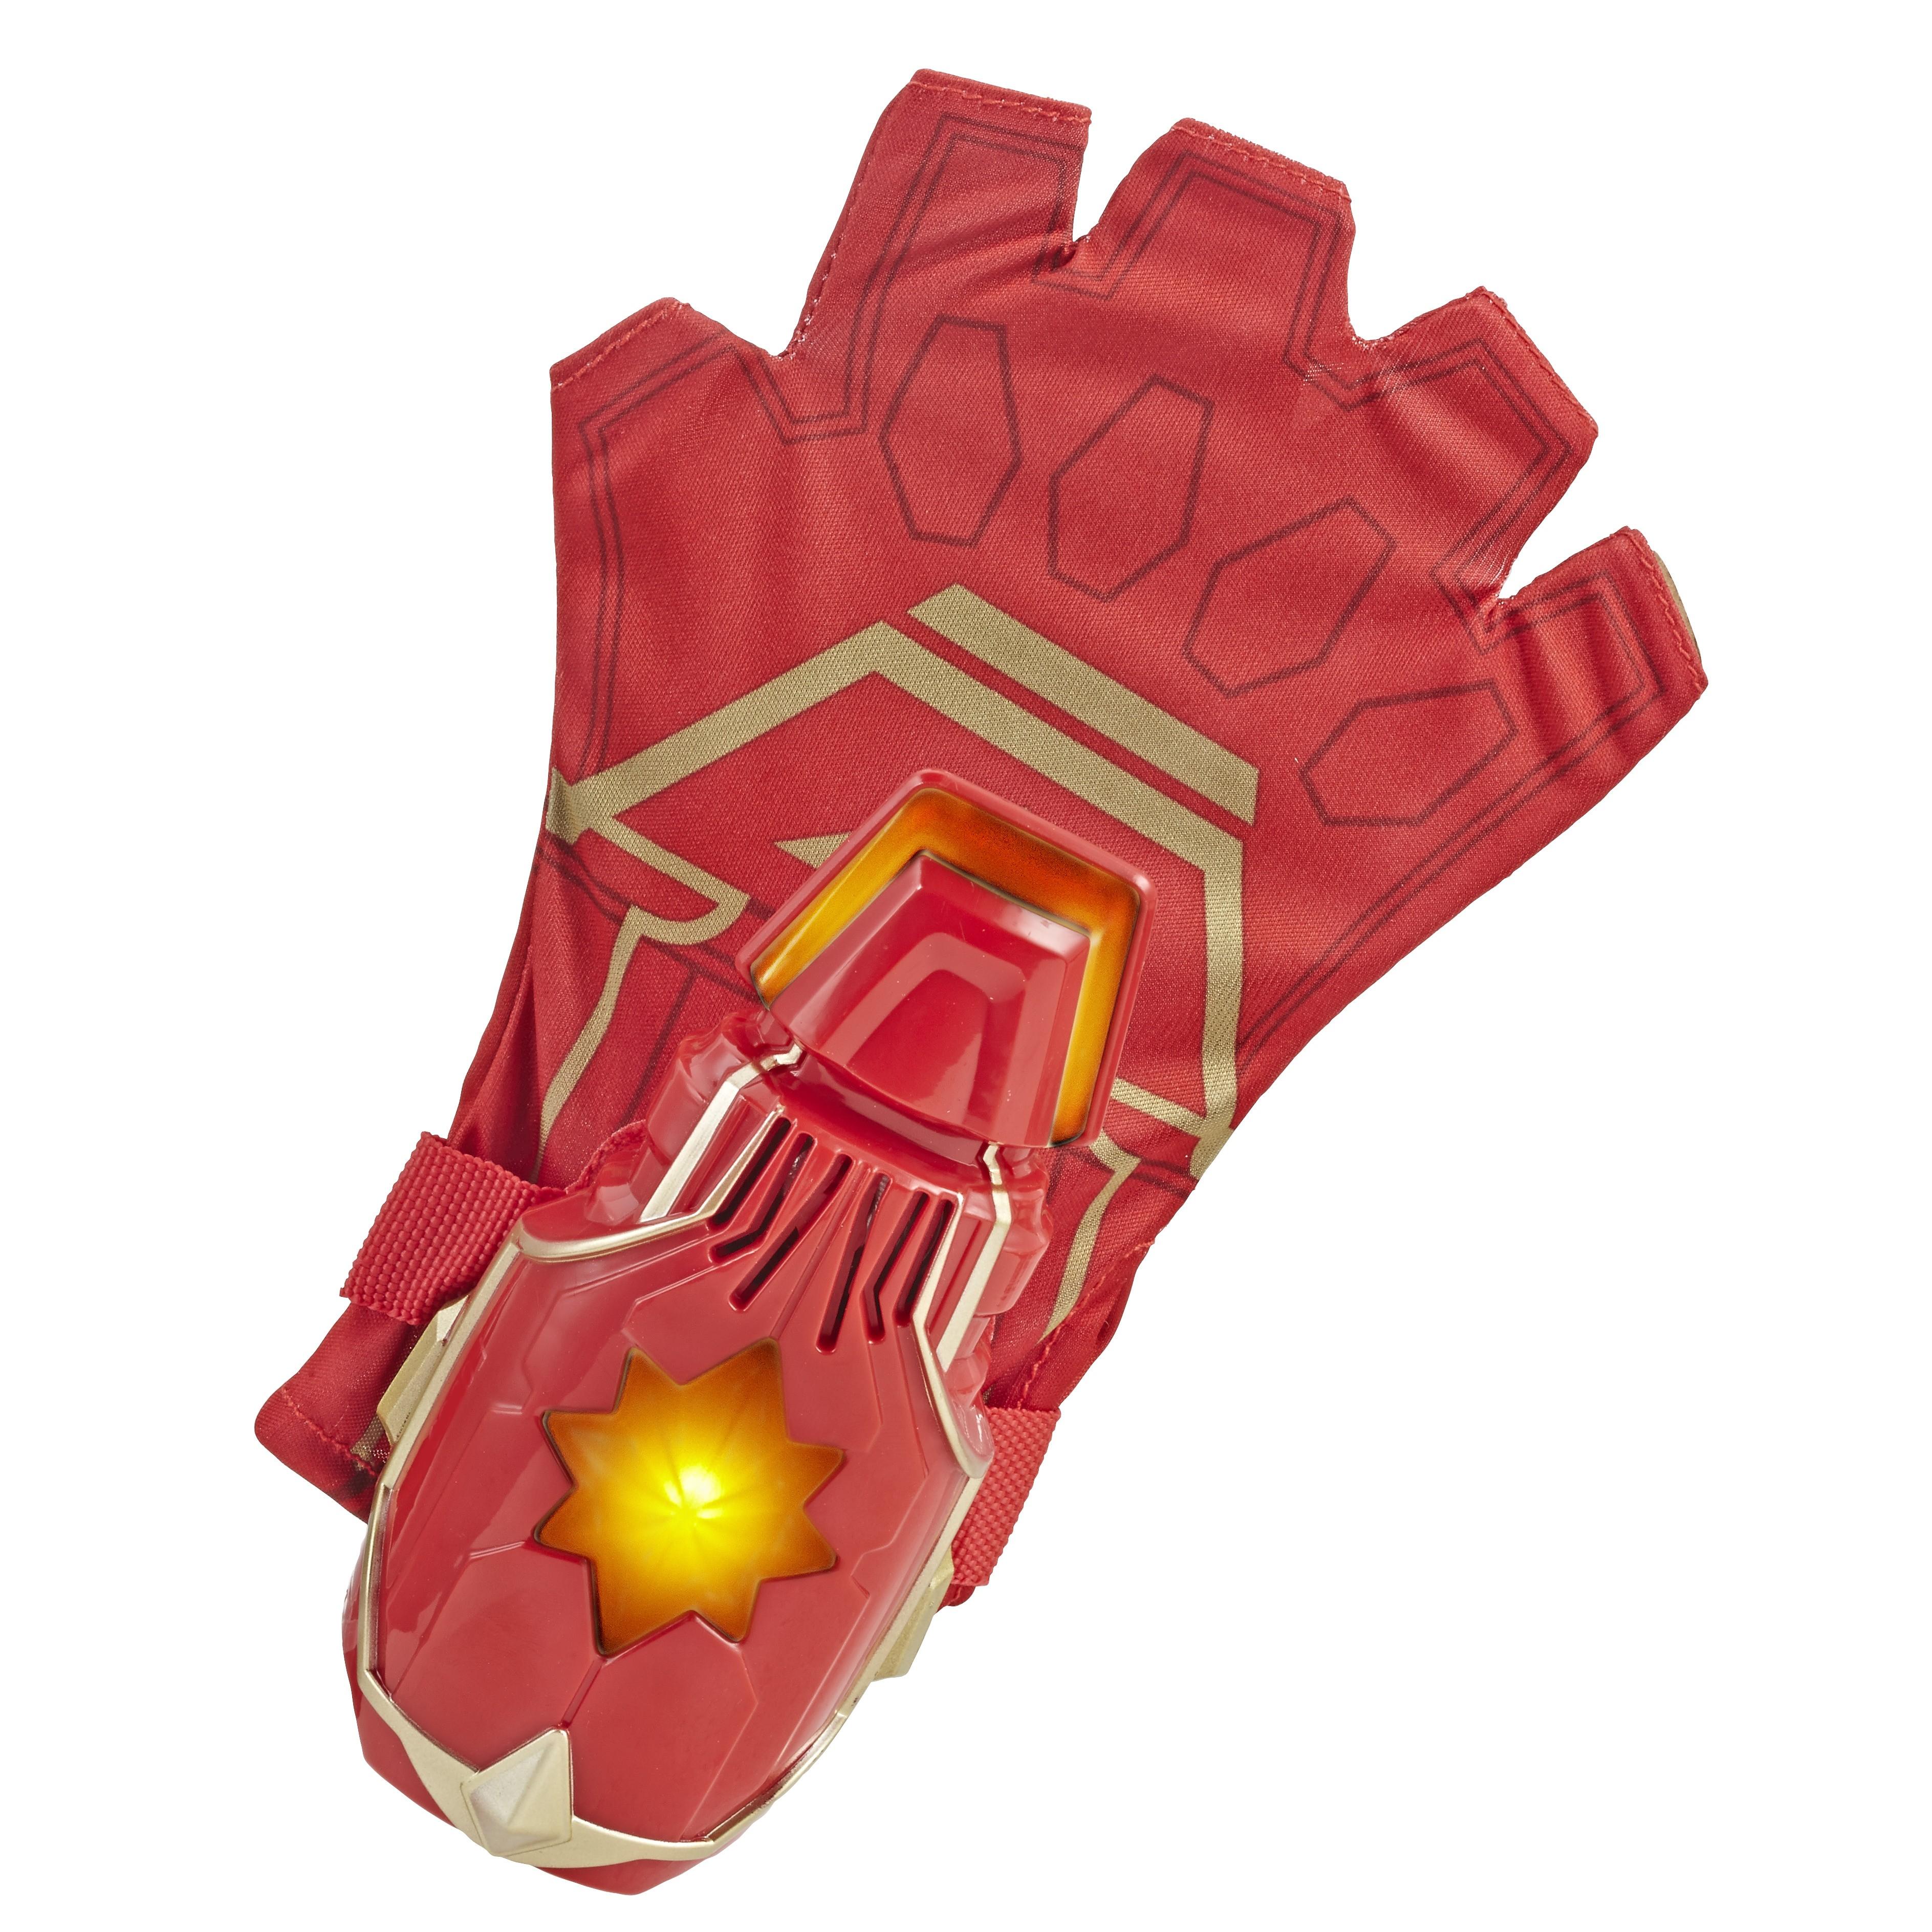 Luva da Capitã Marvel CML ROLE PLAY 1 (Foto: Hasbro/Divulgação)